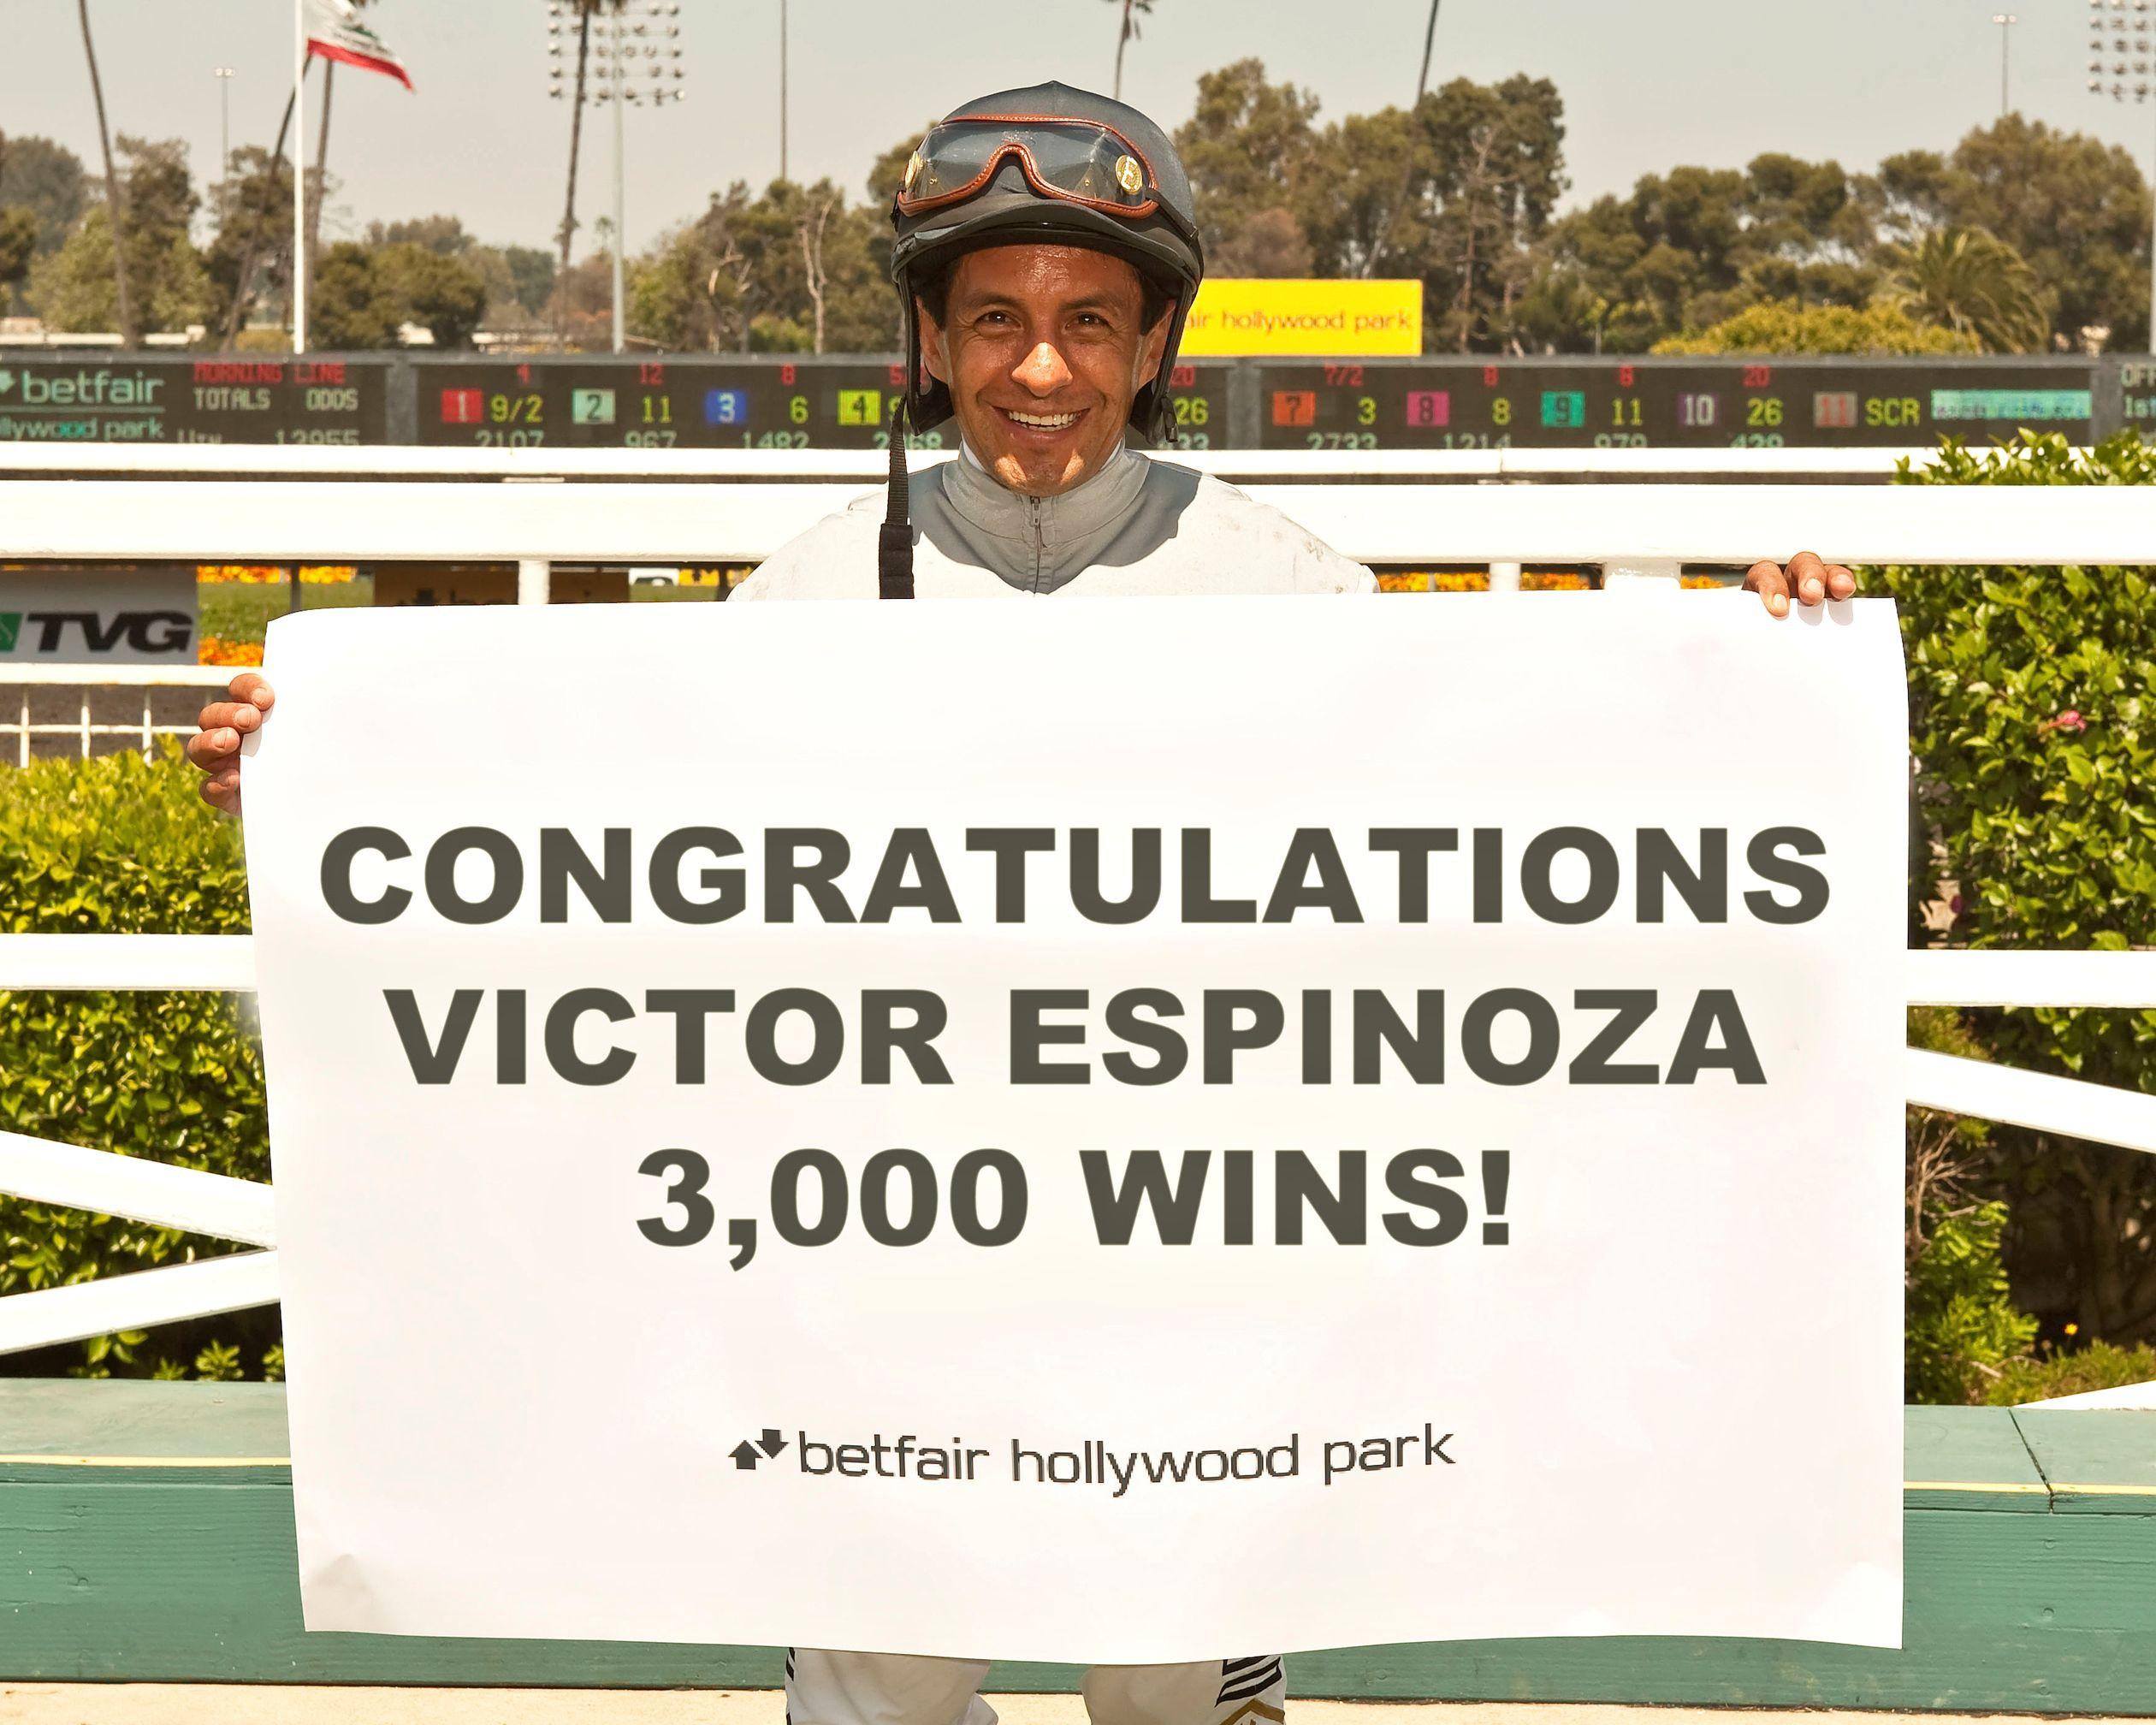 Victor Espinoza (Benoit Photo)